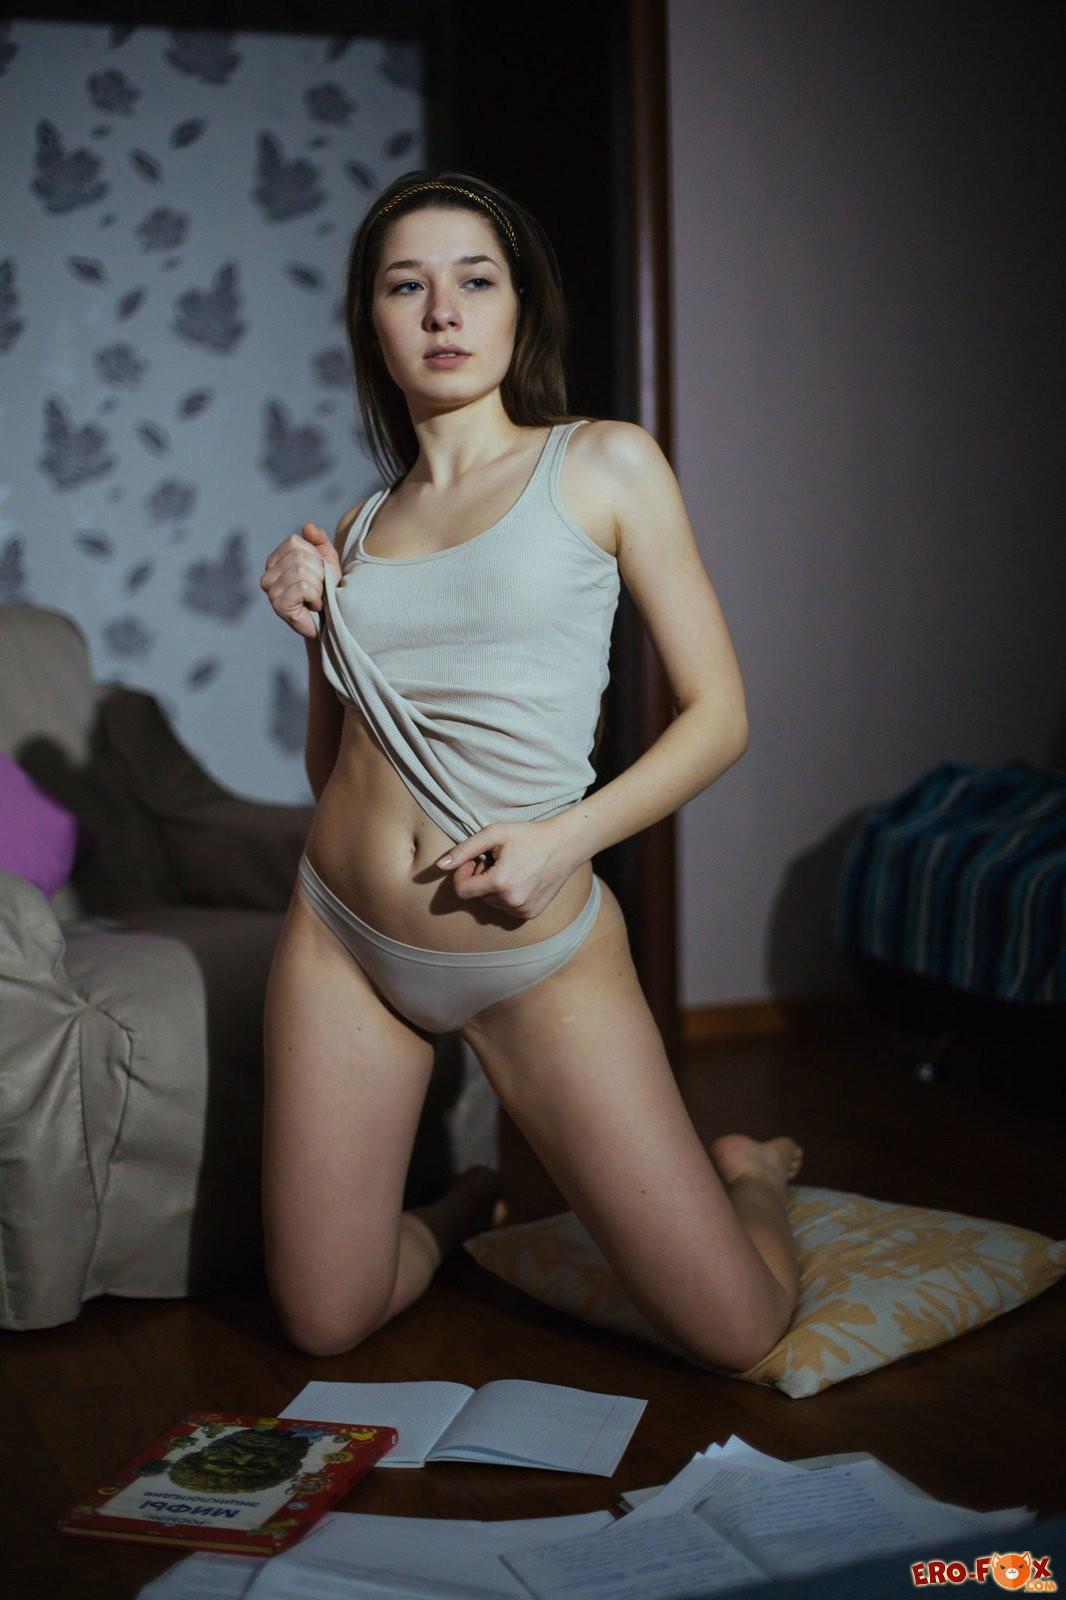 Девушка стоит раком крупным планом  голой попки.